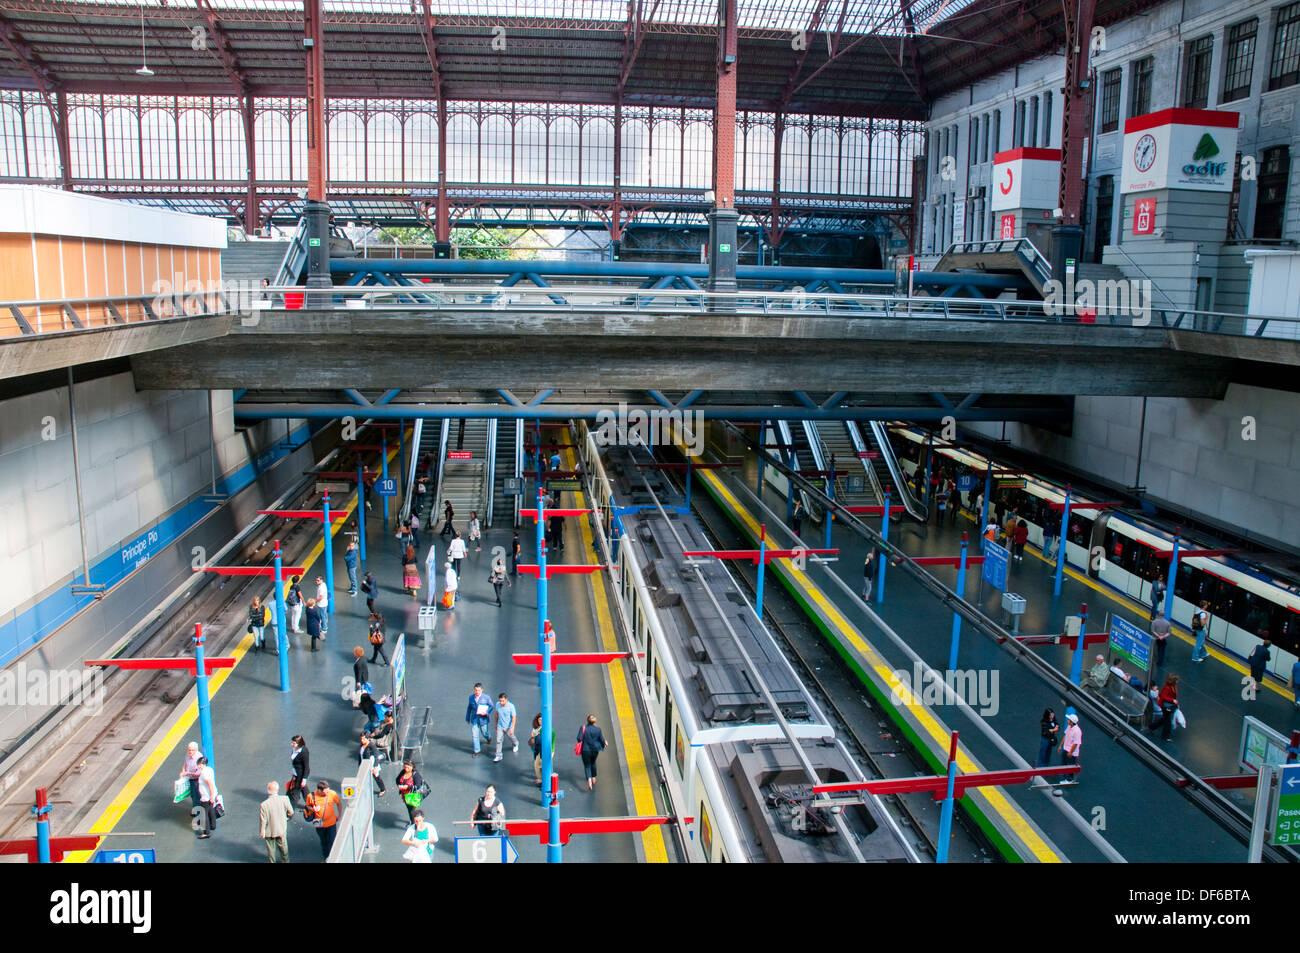 Principe Pio Metro Station Madrid Spain Stock Photo